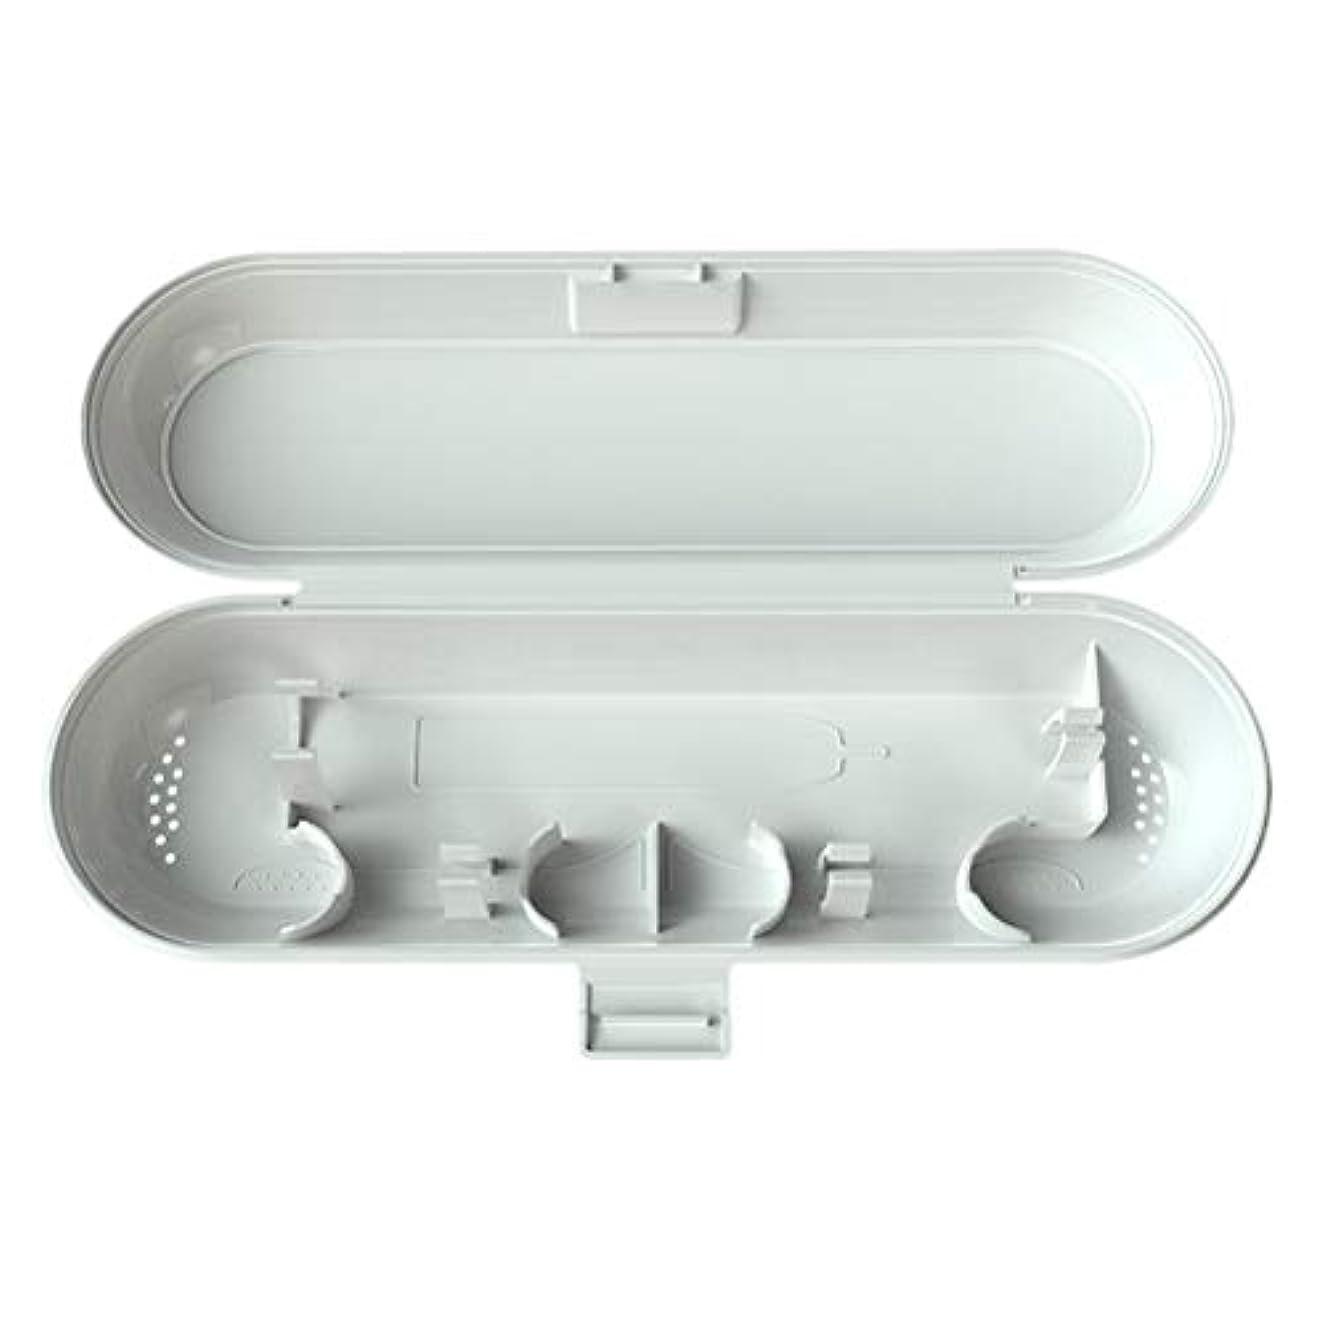 ブレイズペックコミュニケーションTOPBATHYポータブルプラスチック製電動歯ブラシケースキャンプ用トラベルブラシトラベルボックス(ホワイト)